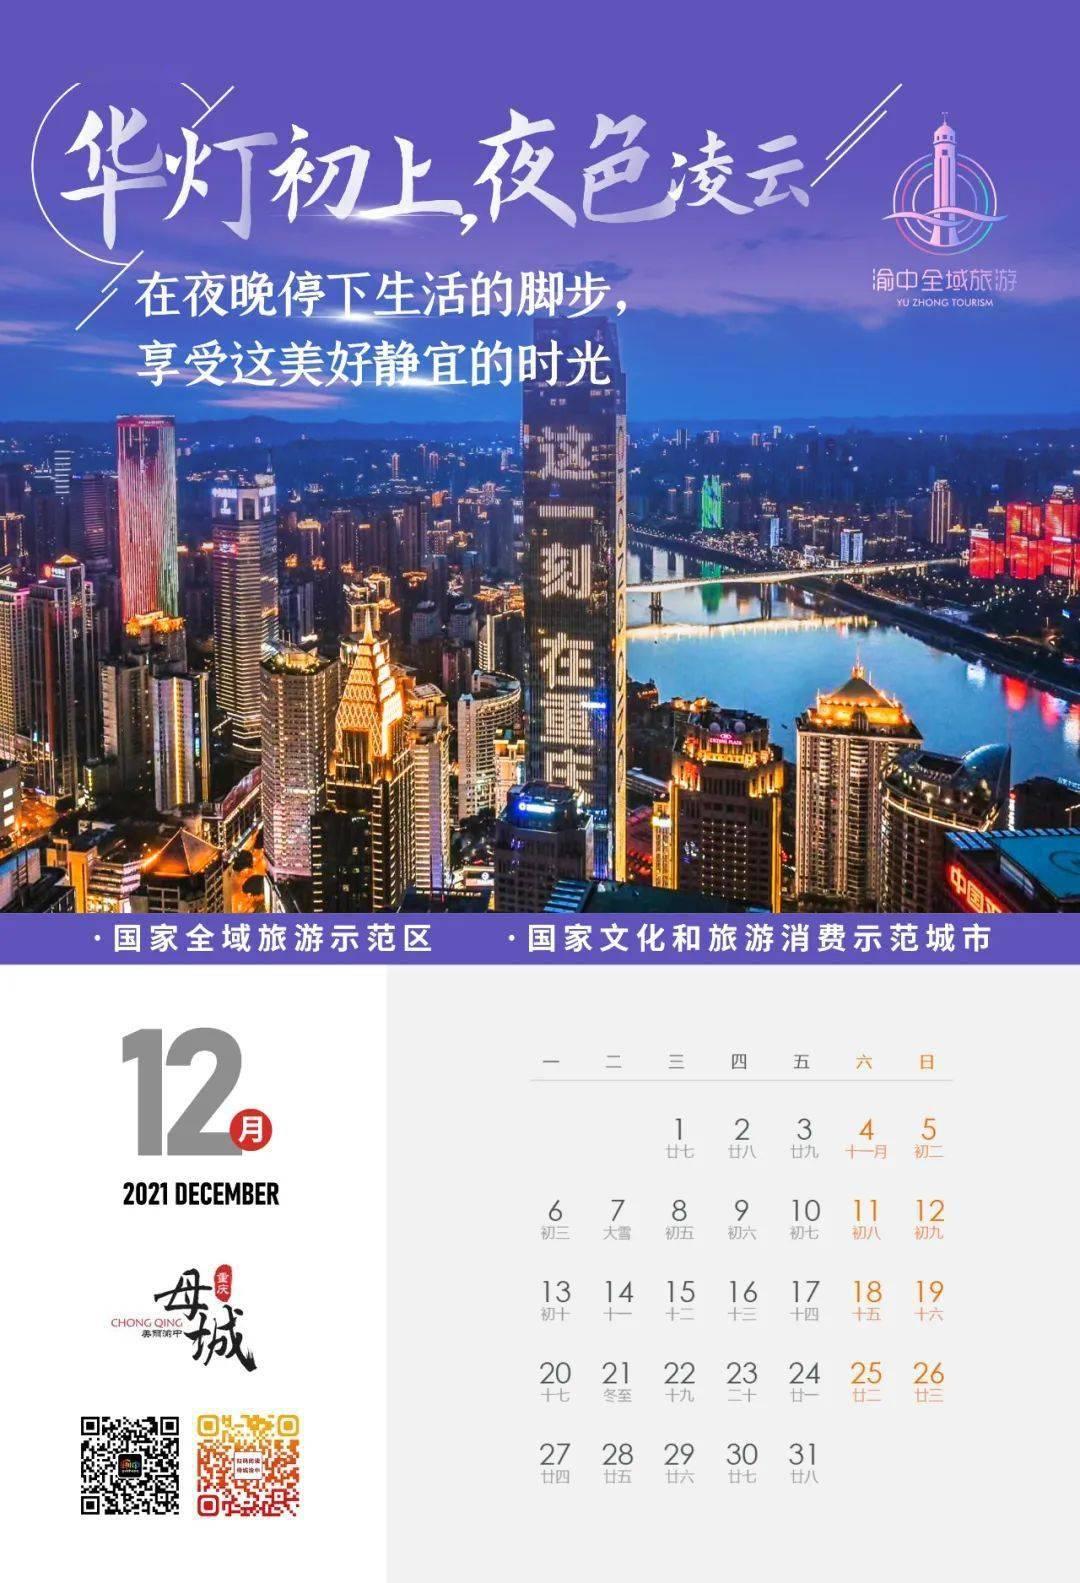 渝中文化旅游四季版日历!陪你一同度过三餐四季……